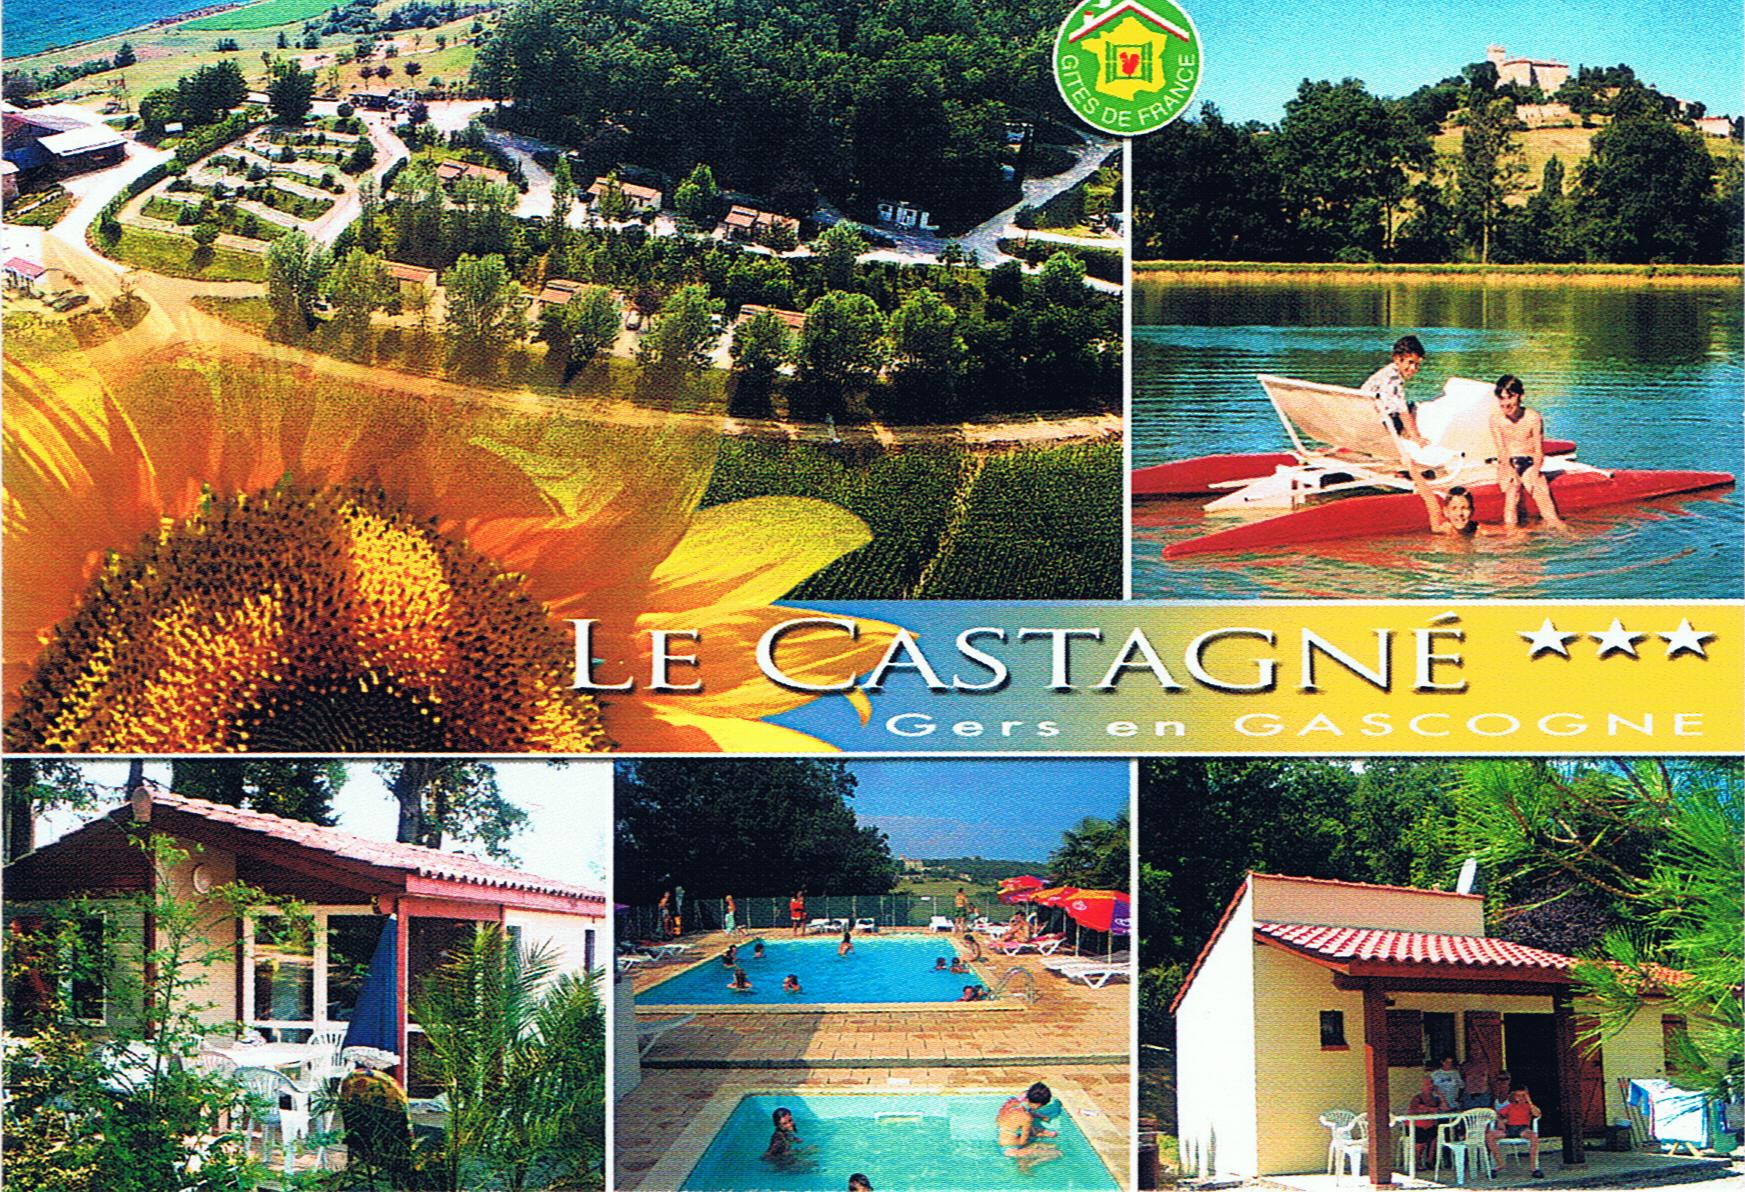 Vue D Ensemble Du Domaine Le Castagne Auch Gers Camping Gites Chambres D Hotes Domainelecastagne Com Spa Sauna Chambre D Hote Hotes